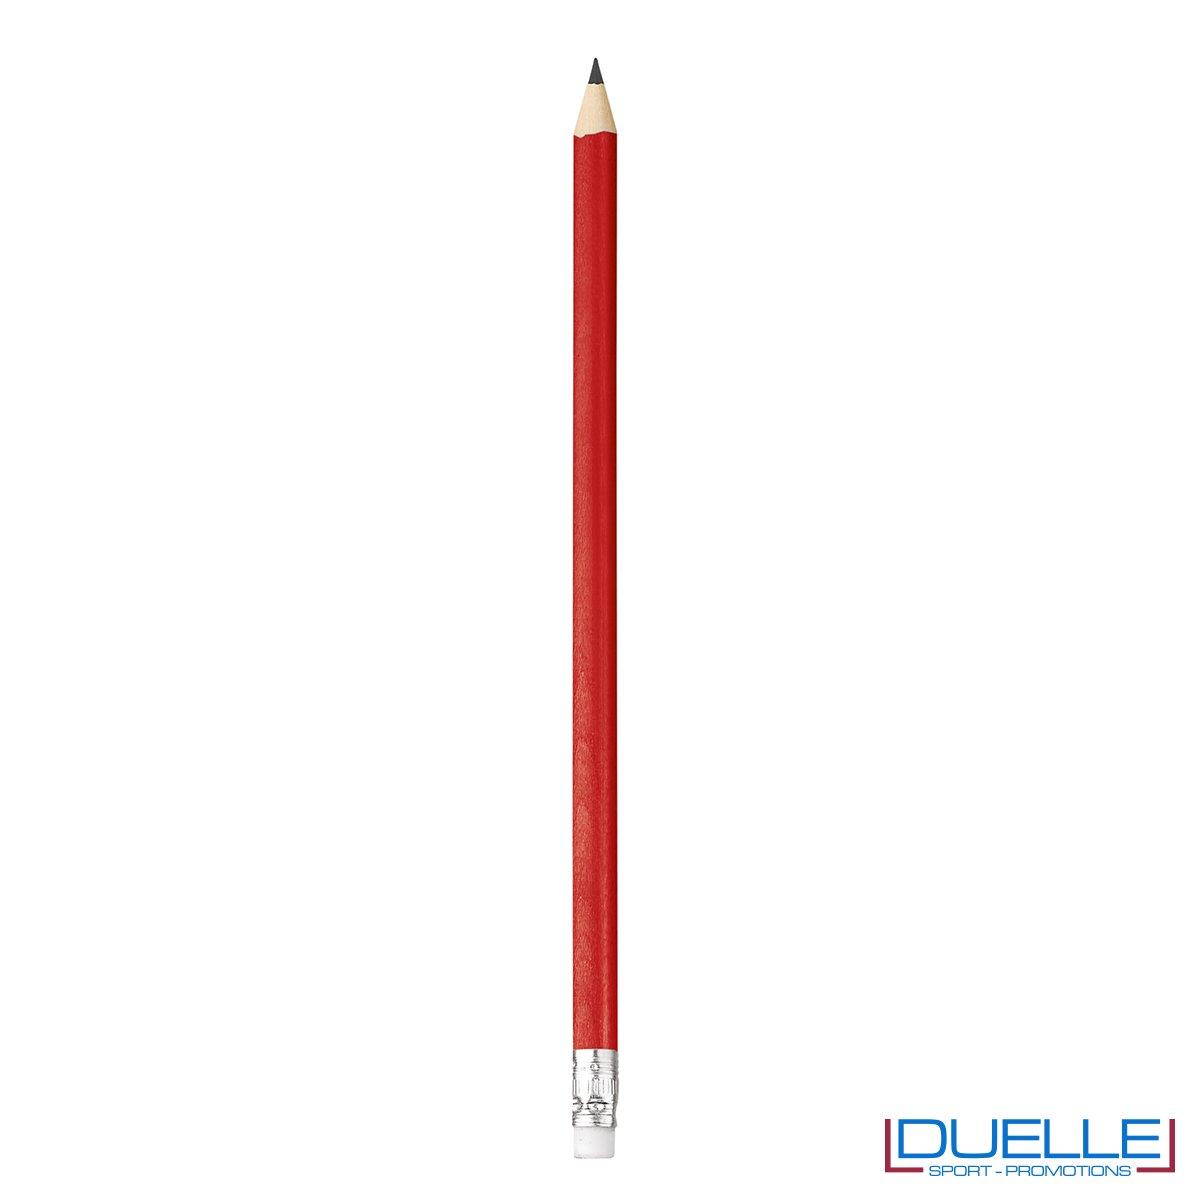 matita personalizzabile legno 100% naturale rossa con gomma incorporata, gadget da scrivania